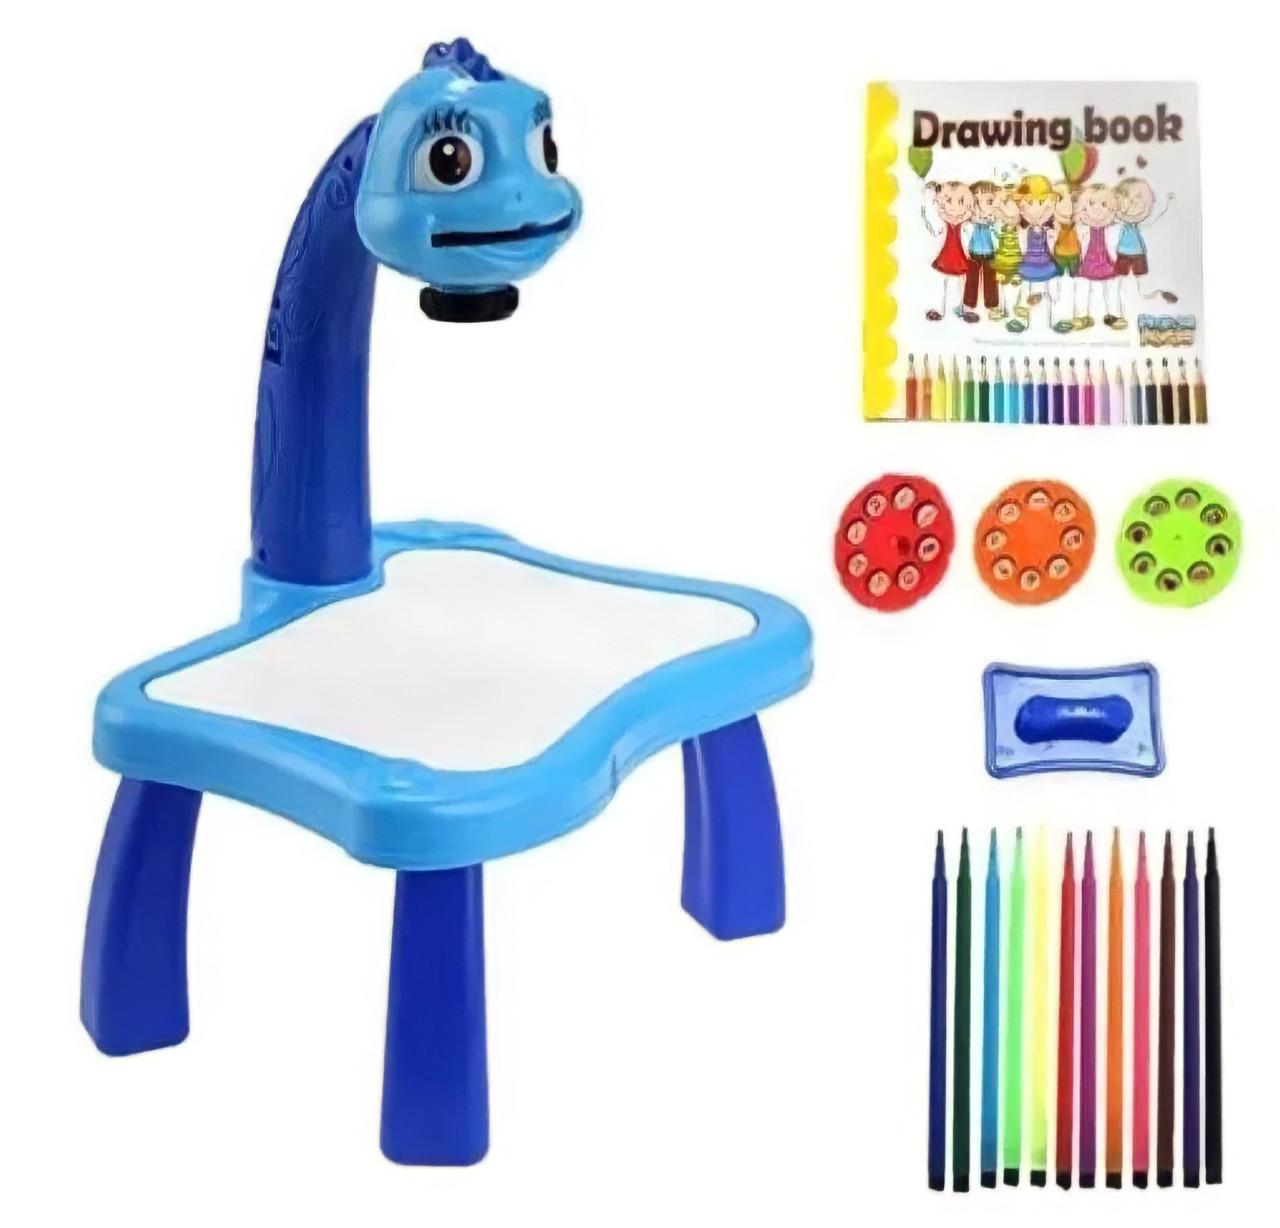 Детский стол проектор для рисования с подсветкой  Стол детский мольберт Baby для рисования СИНИЙ